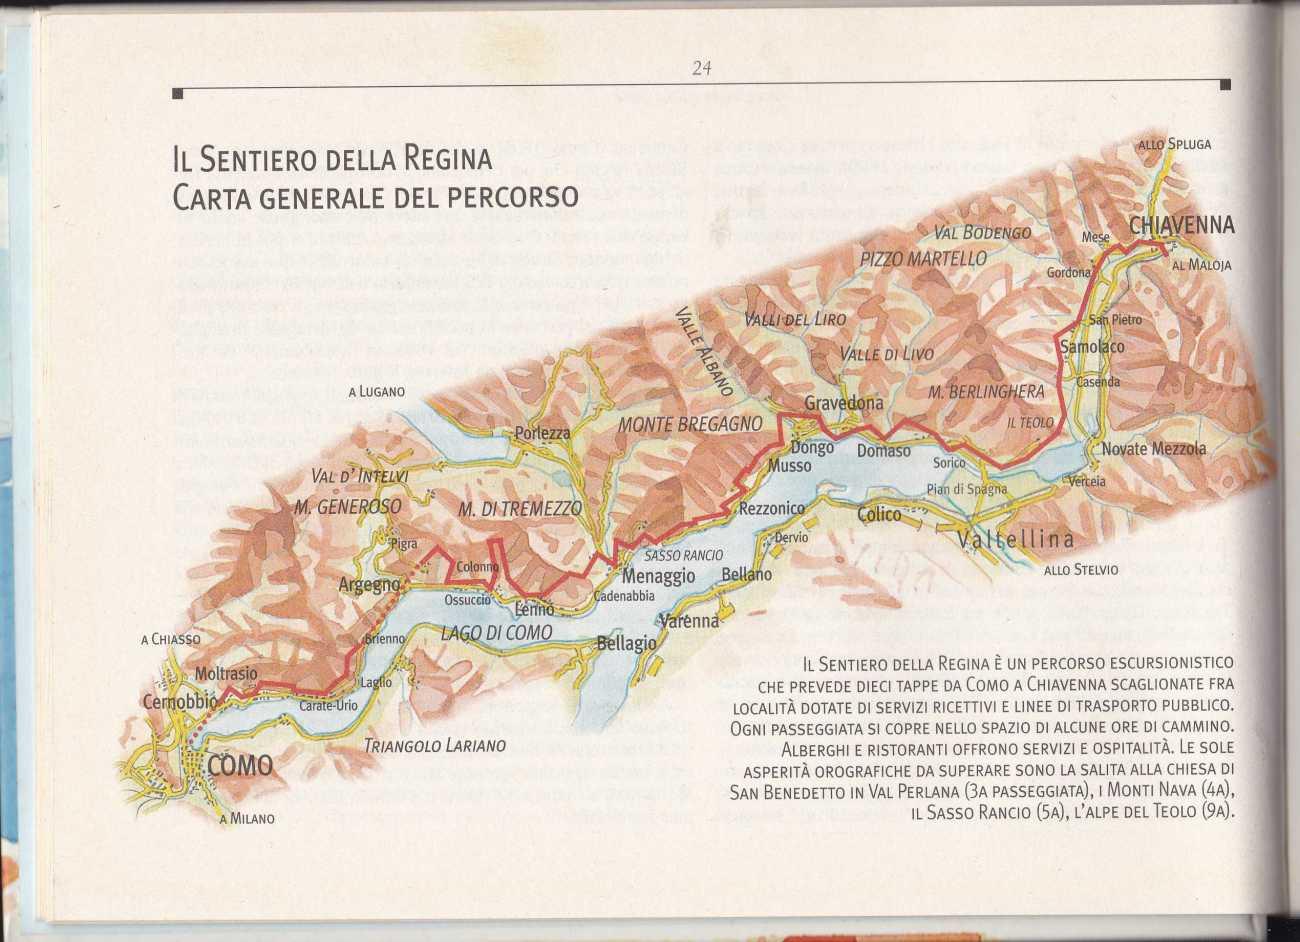 STELLA CORRADI AIDS1977